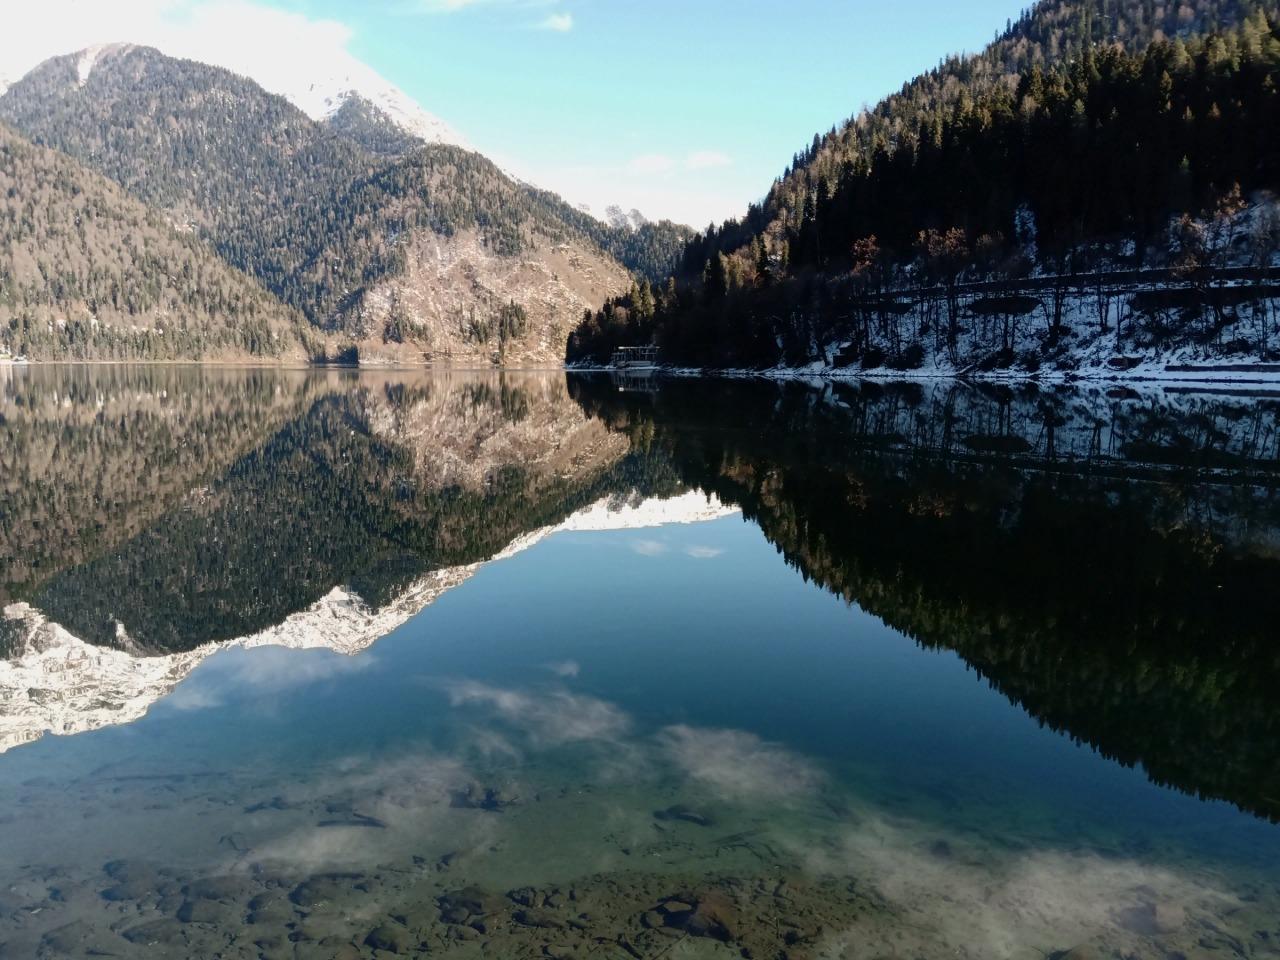 Из тропиков к снегу! Абхазия за один день - индивидуальная экскурсия в Адлере от опытного гида